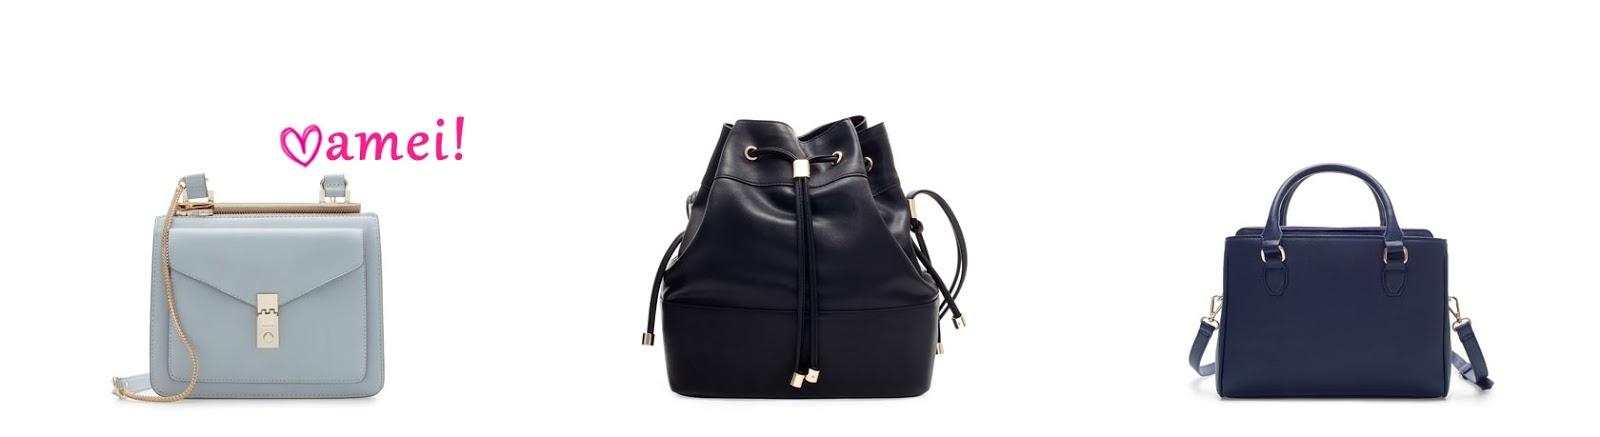 e2ad785c9 Hoje, espiando a coleção nova no site da Zara USA, fiquei babando em  algumas bolsas. Não vejo a hora dessa coleção começar a chegar aqui no  Brasil!